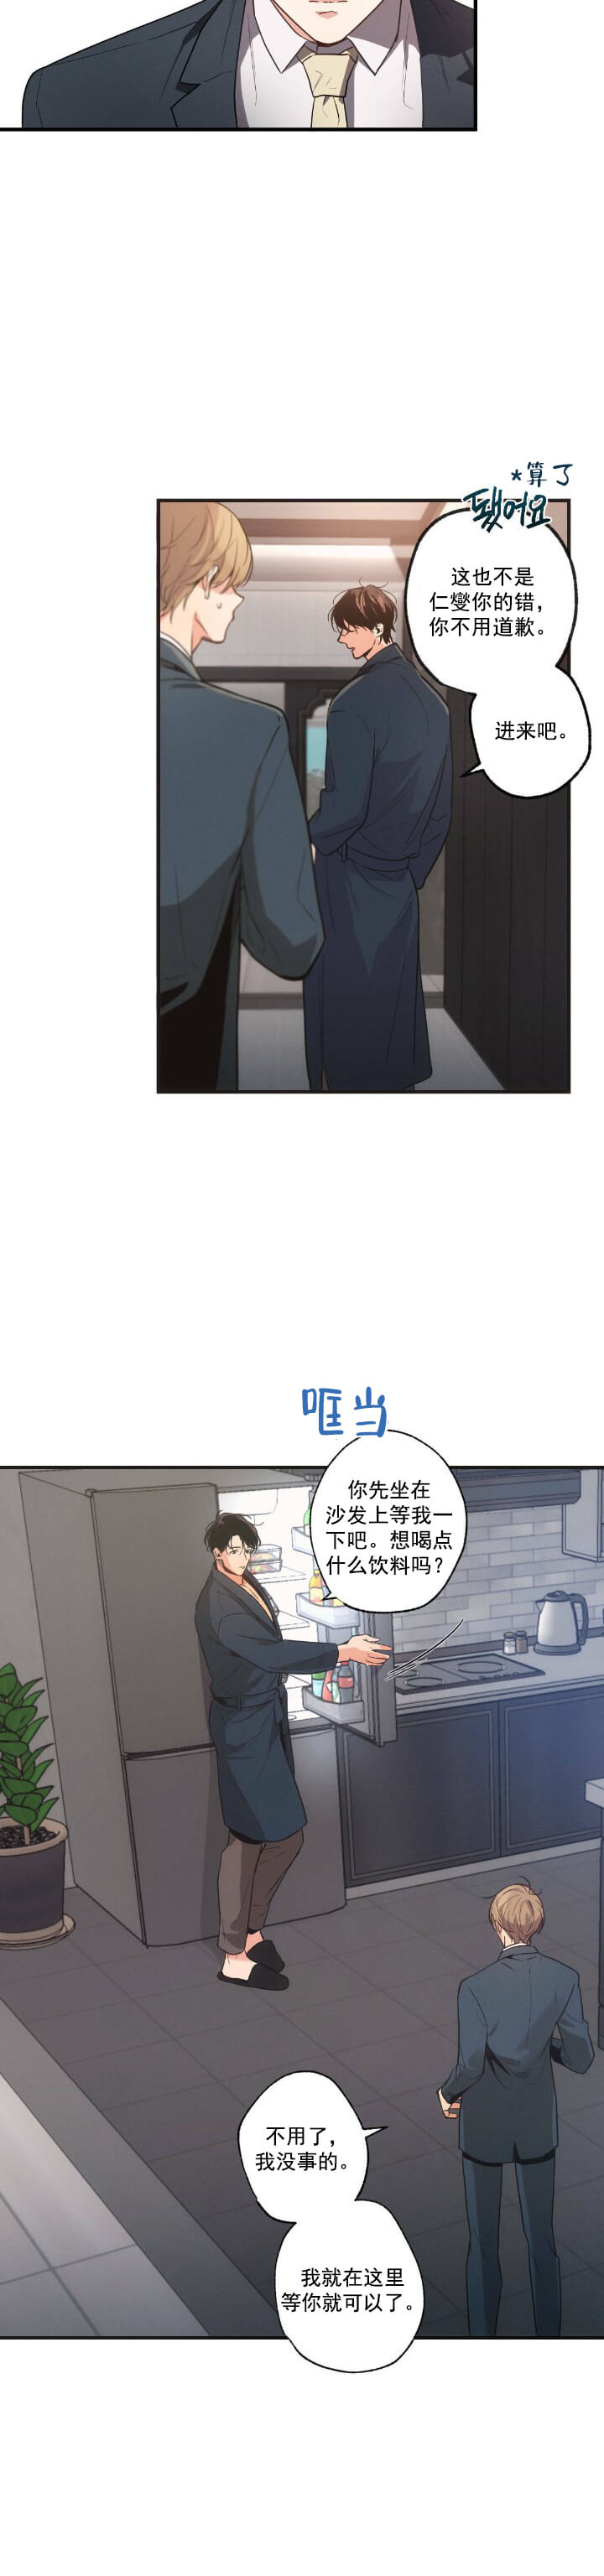 韩漫 |《别用有心的恋爱史》浴室play,全程不打M!  第5张